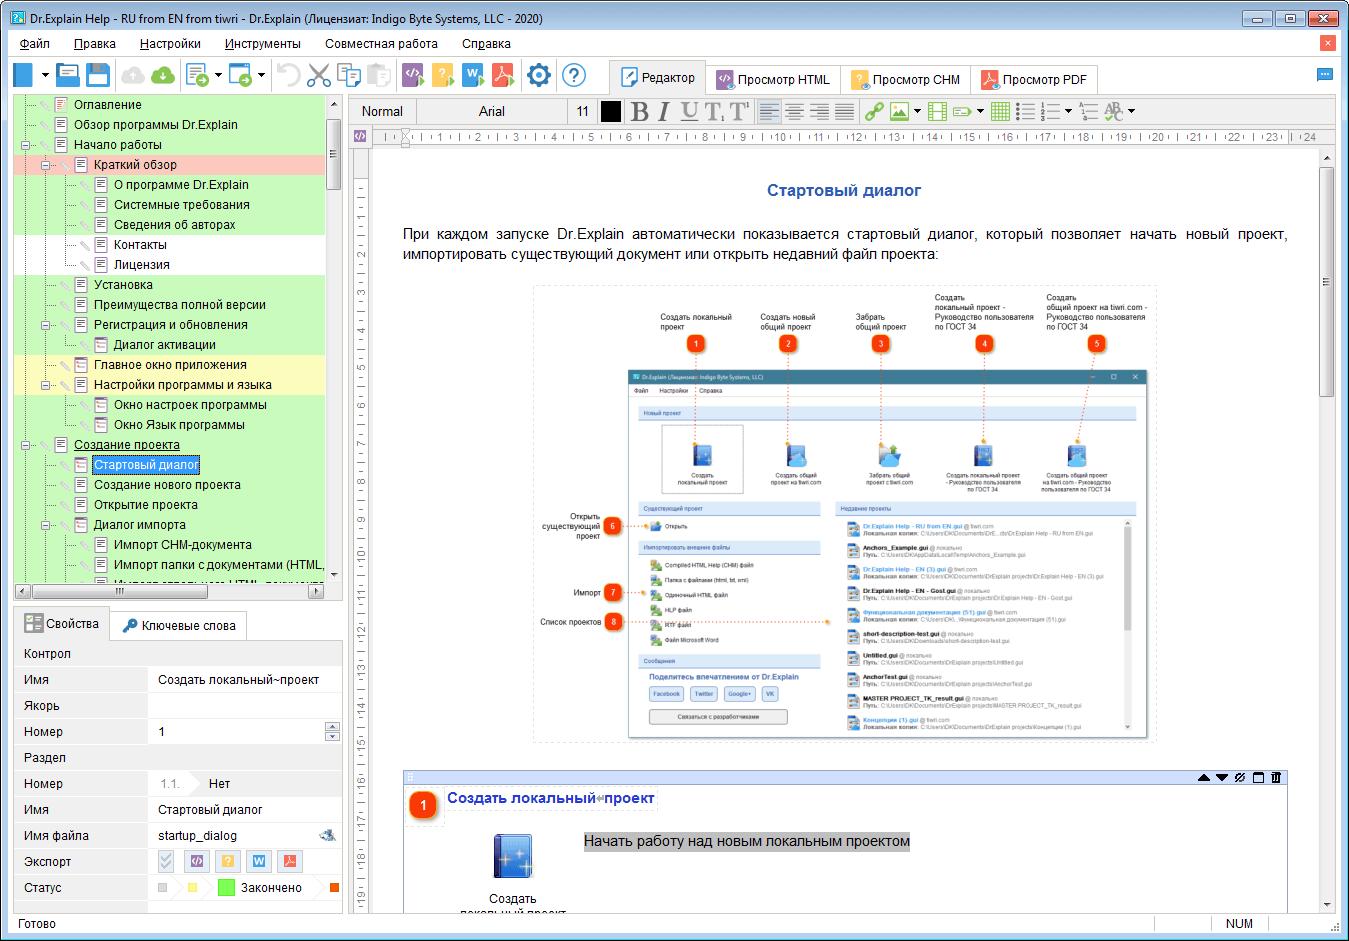 Dr.Explain - это приложение для создания файлов справки (help-файлов), справочных систем, on-line руководств пользователя, пособий и технической документации к программному обеспечению и техническим системам